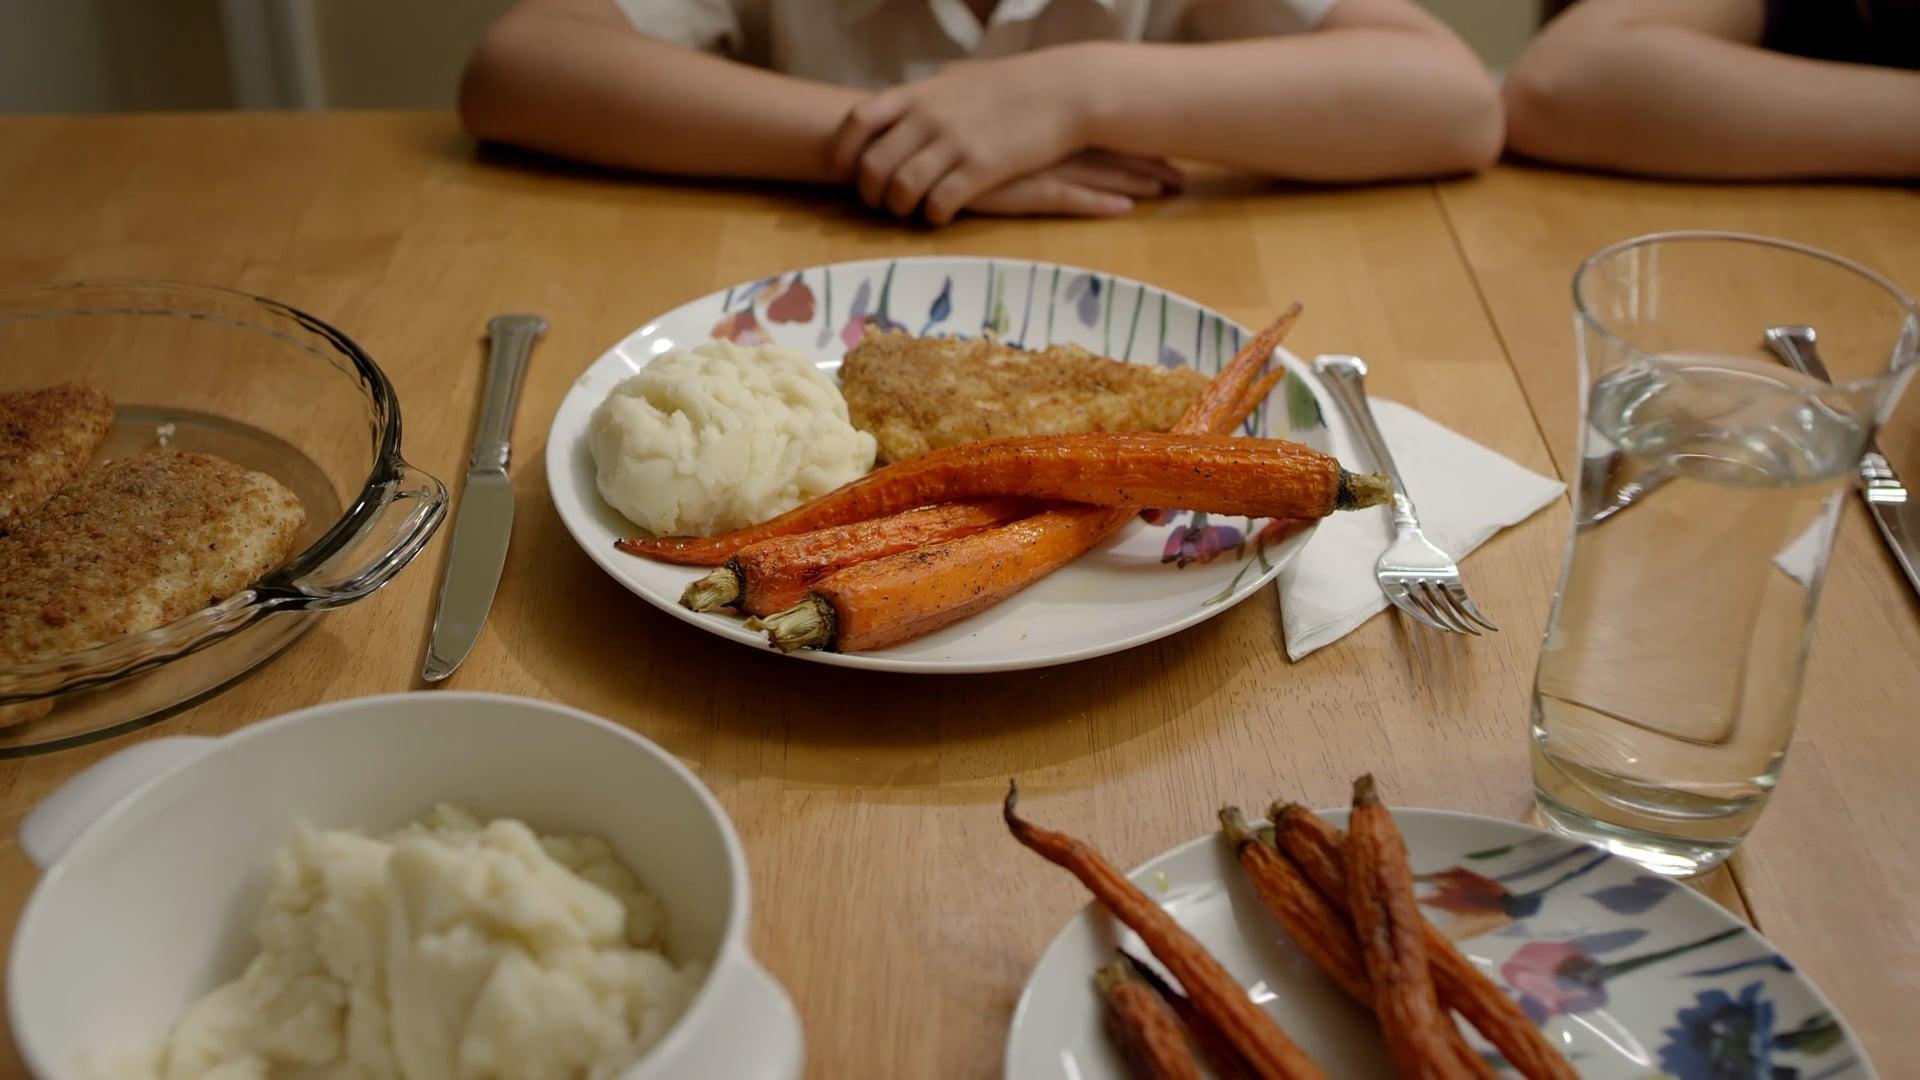 Zareba: Carrot vs. Rabbit